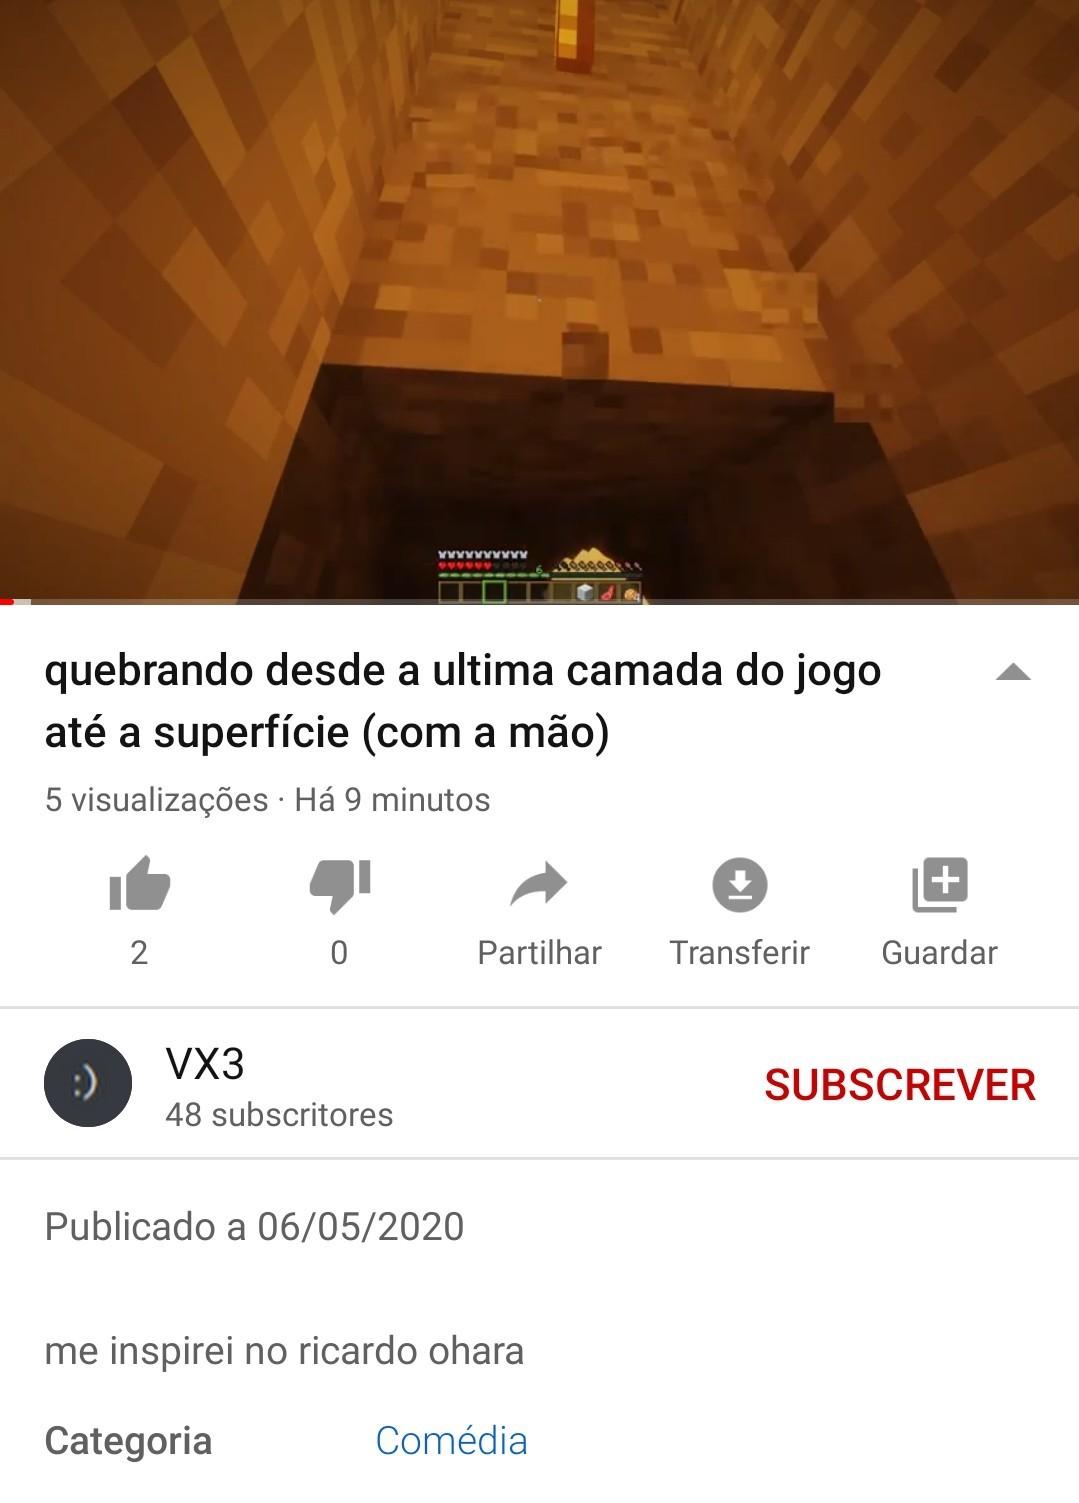 Ricardo ohara 2 - meme